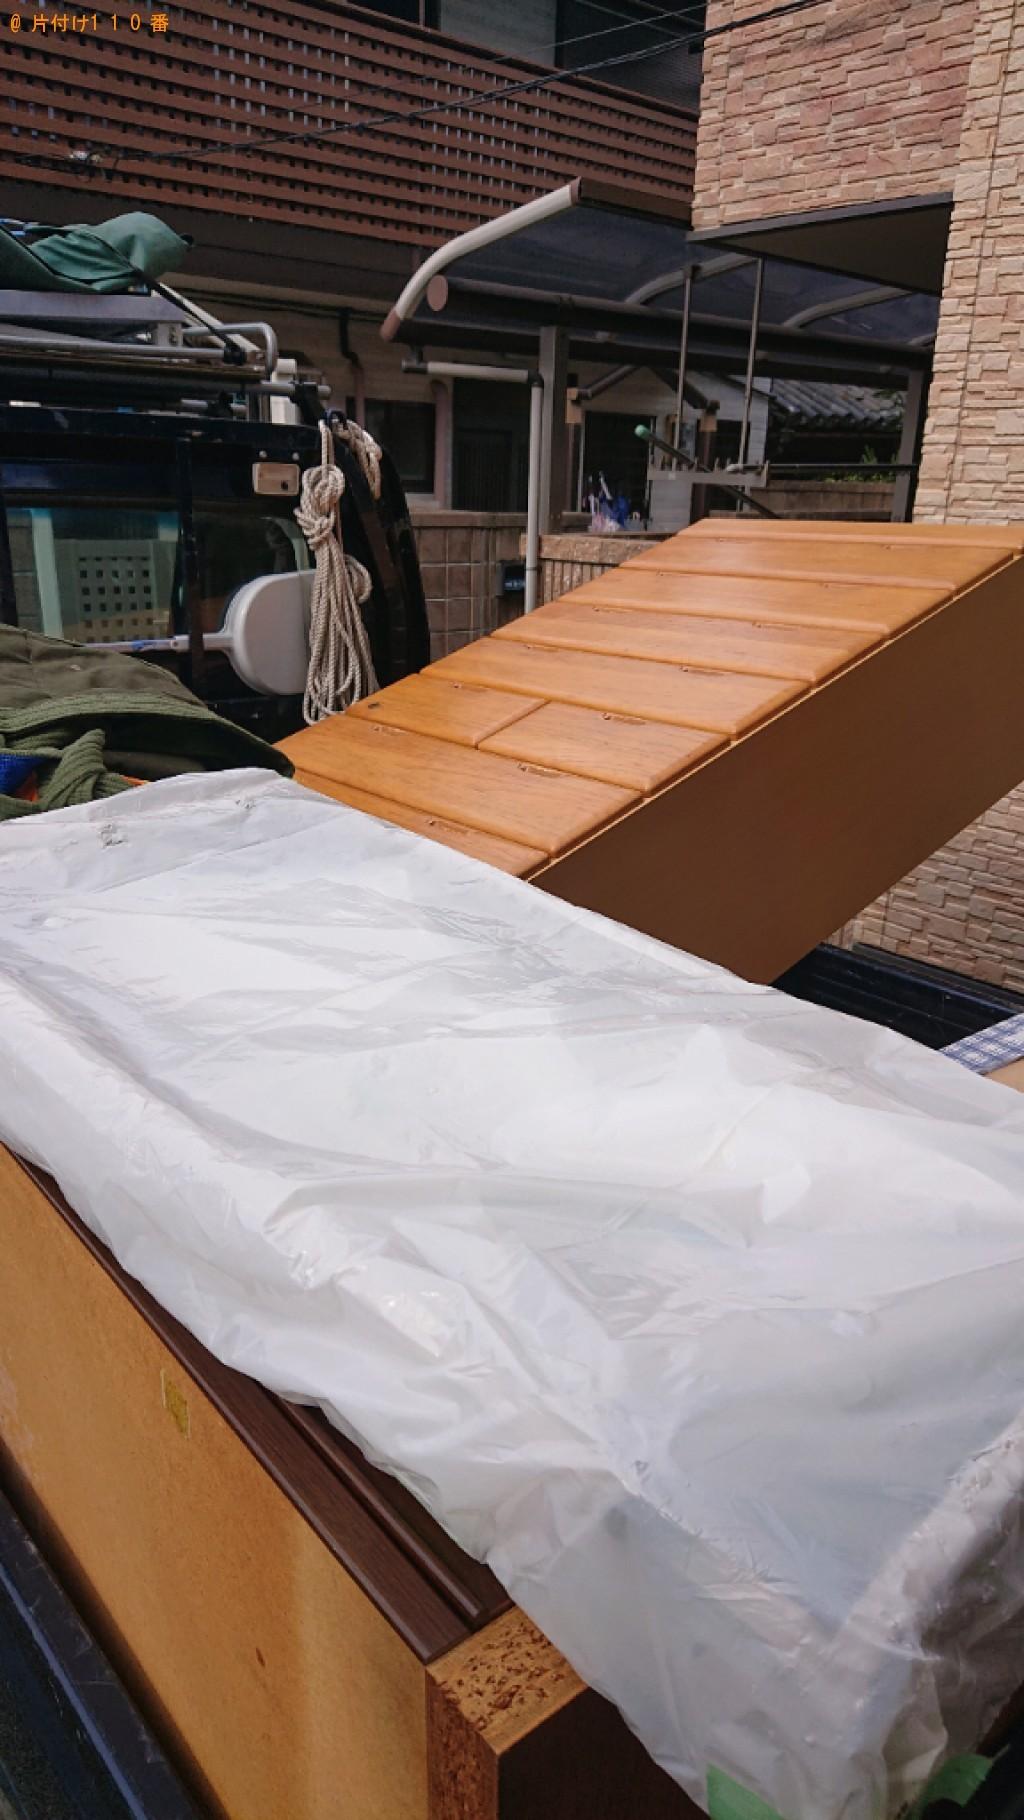 【大和高田市】エアコン、タンス、小型家電等の回収・処分ご依頼